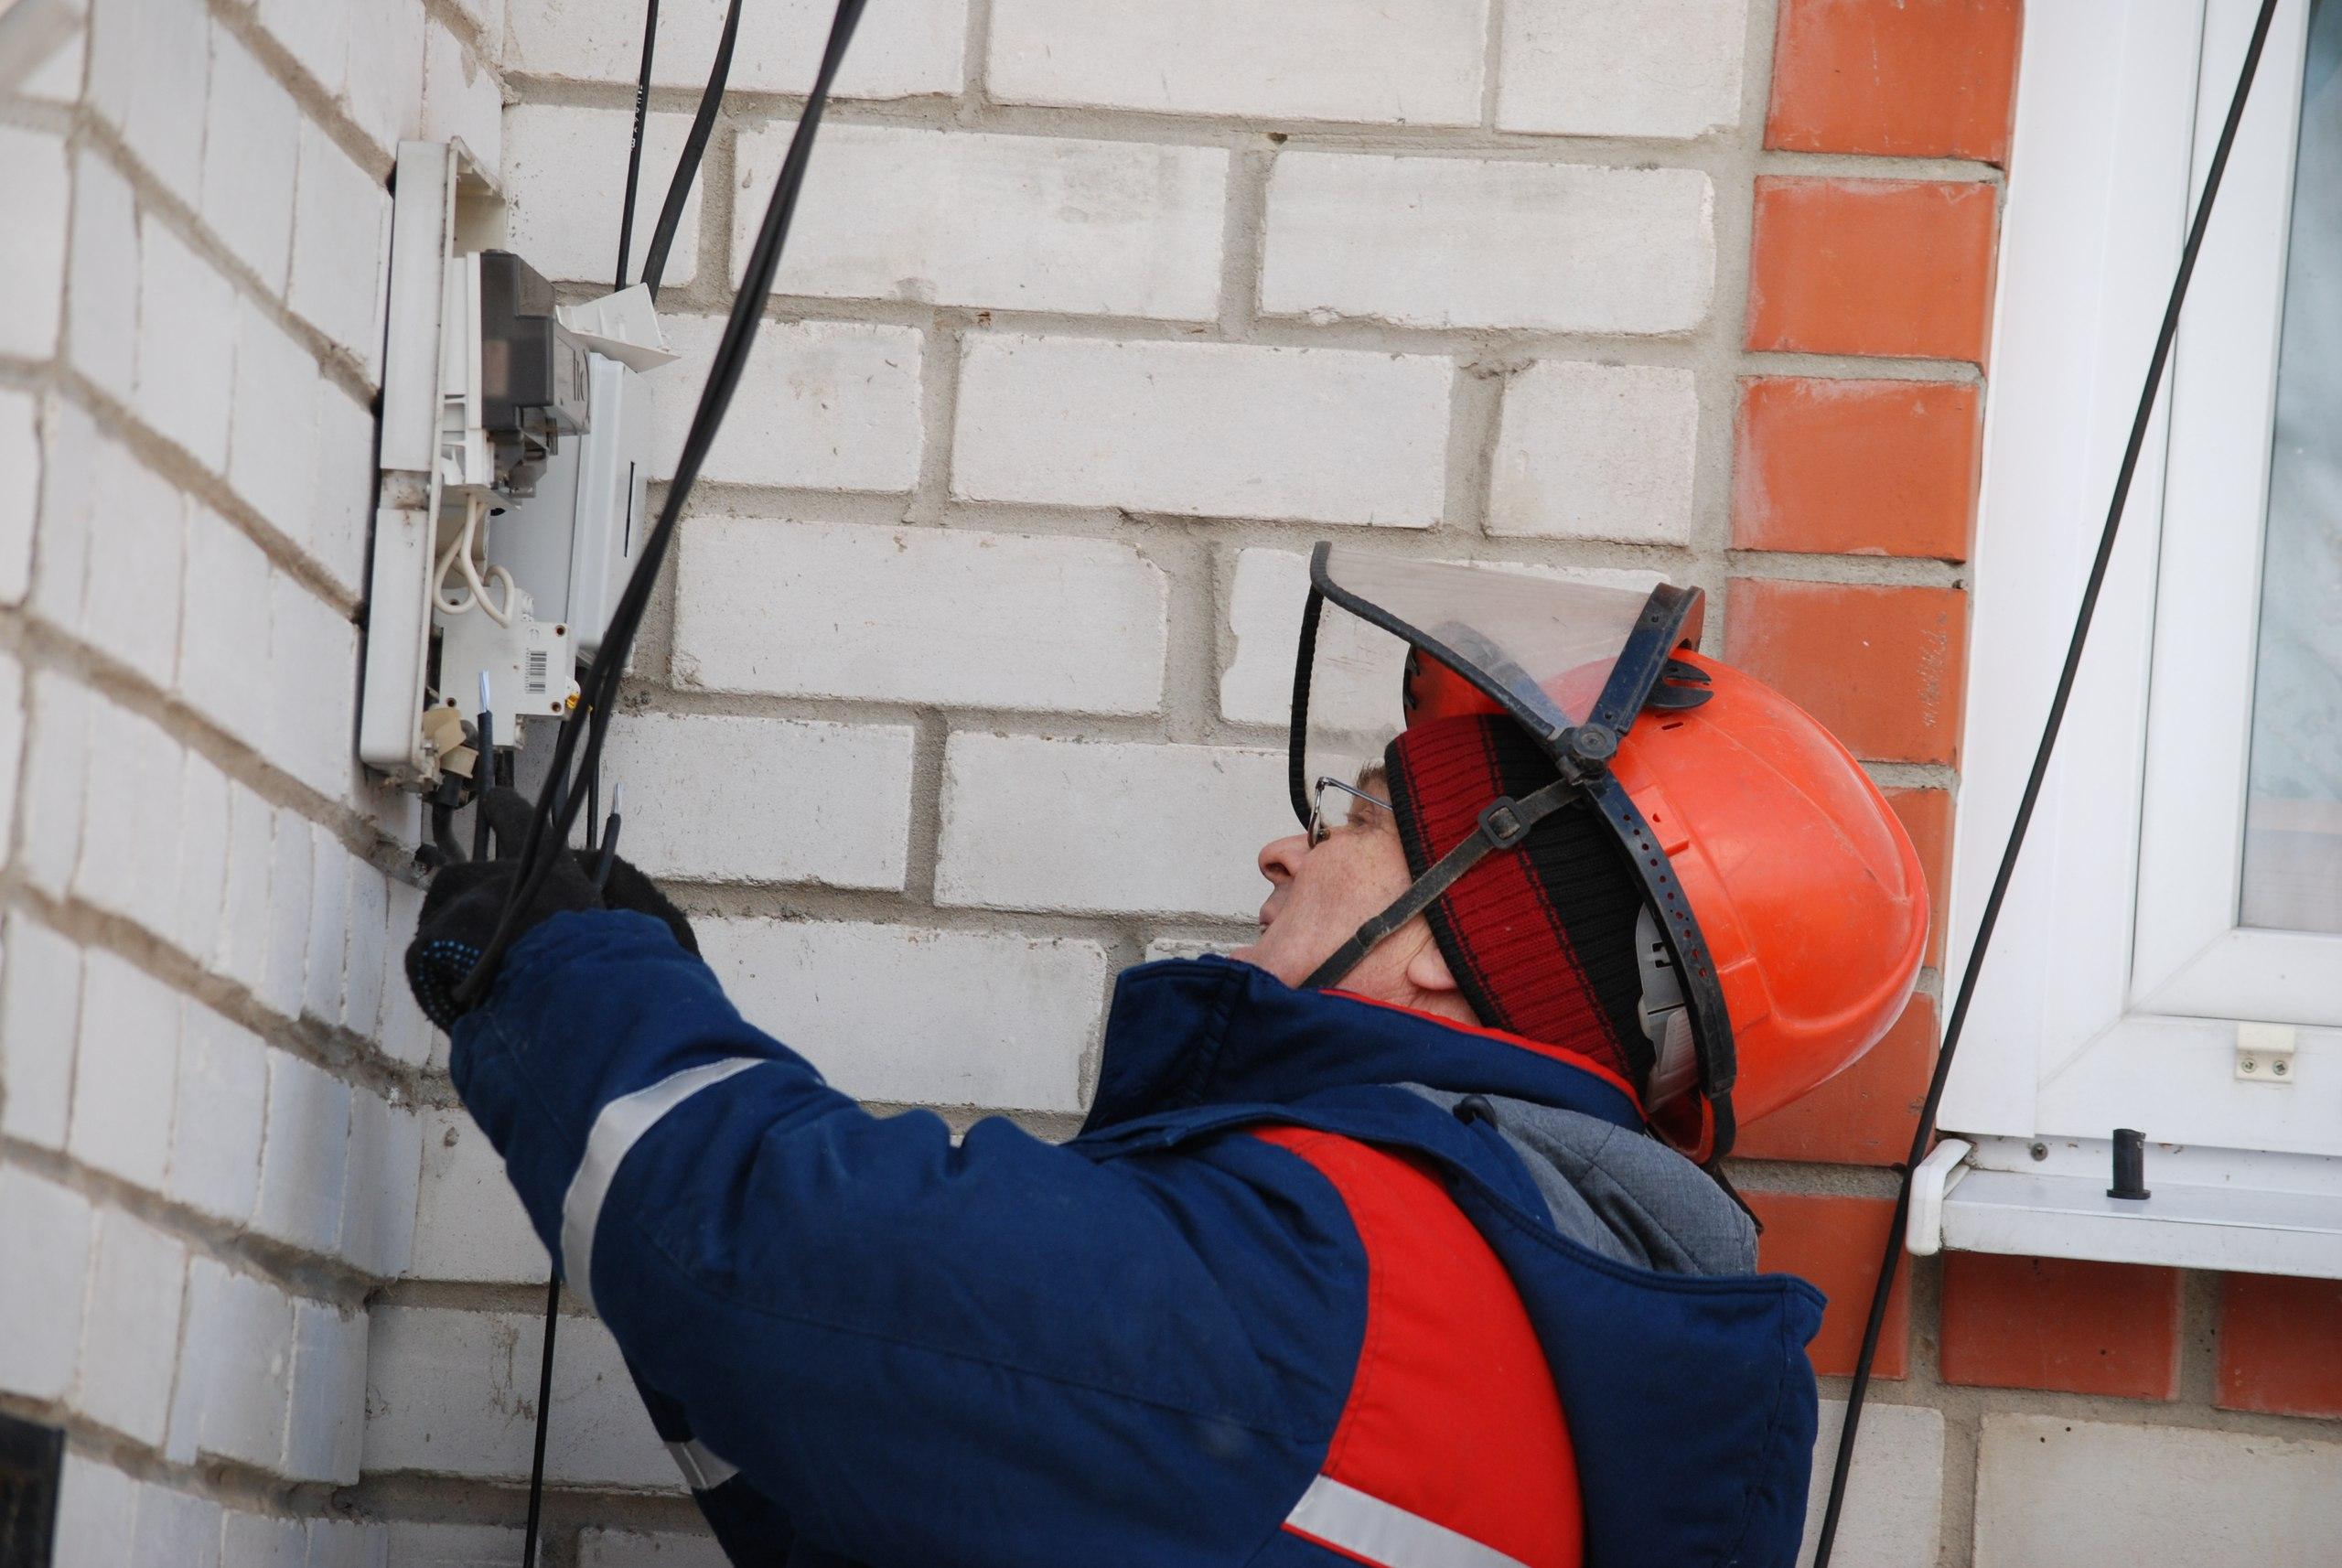 Cотрудники Курскэнерго в январе 2018 года выявили хищений электроэнергии на сумму свыше одного миллиона рублей